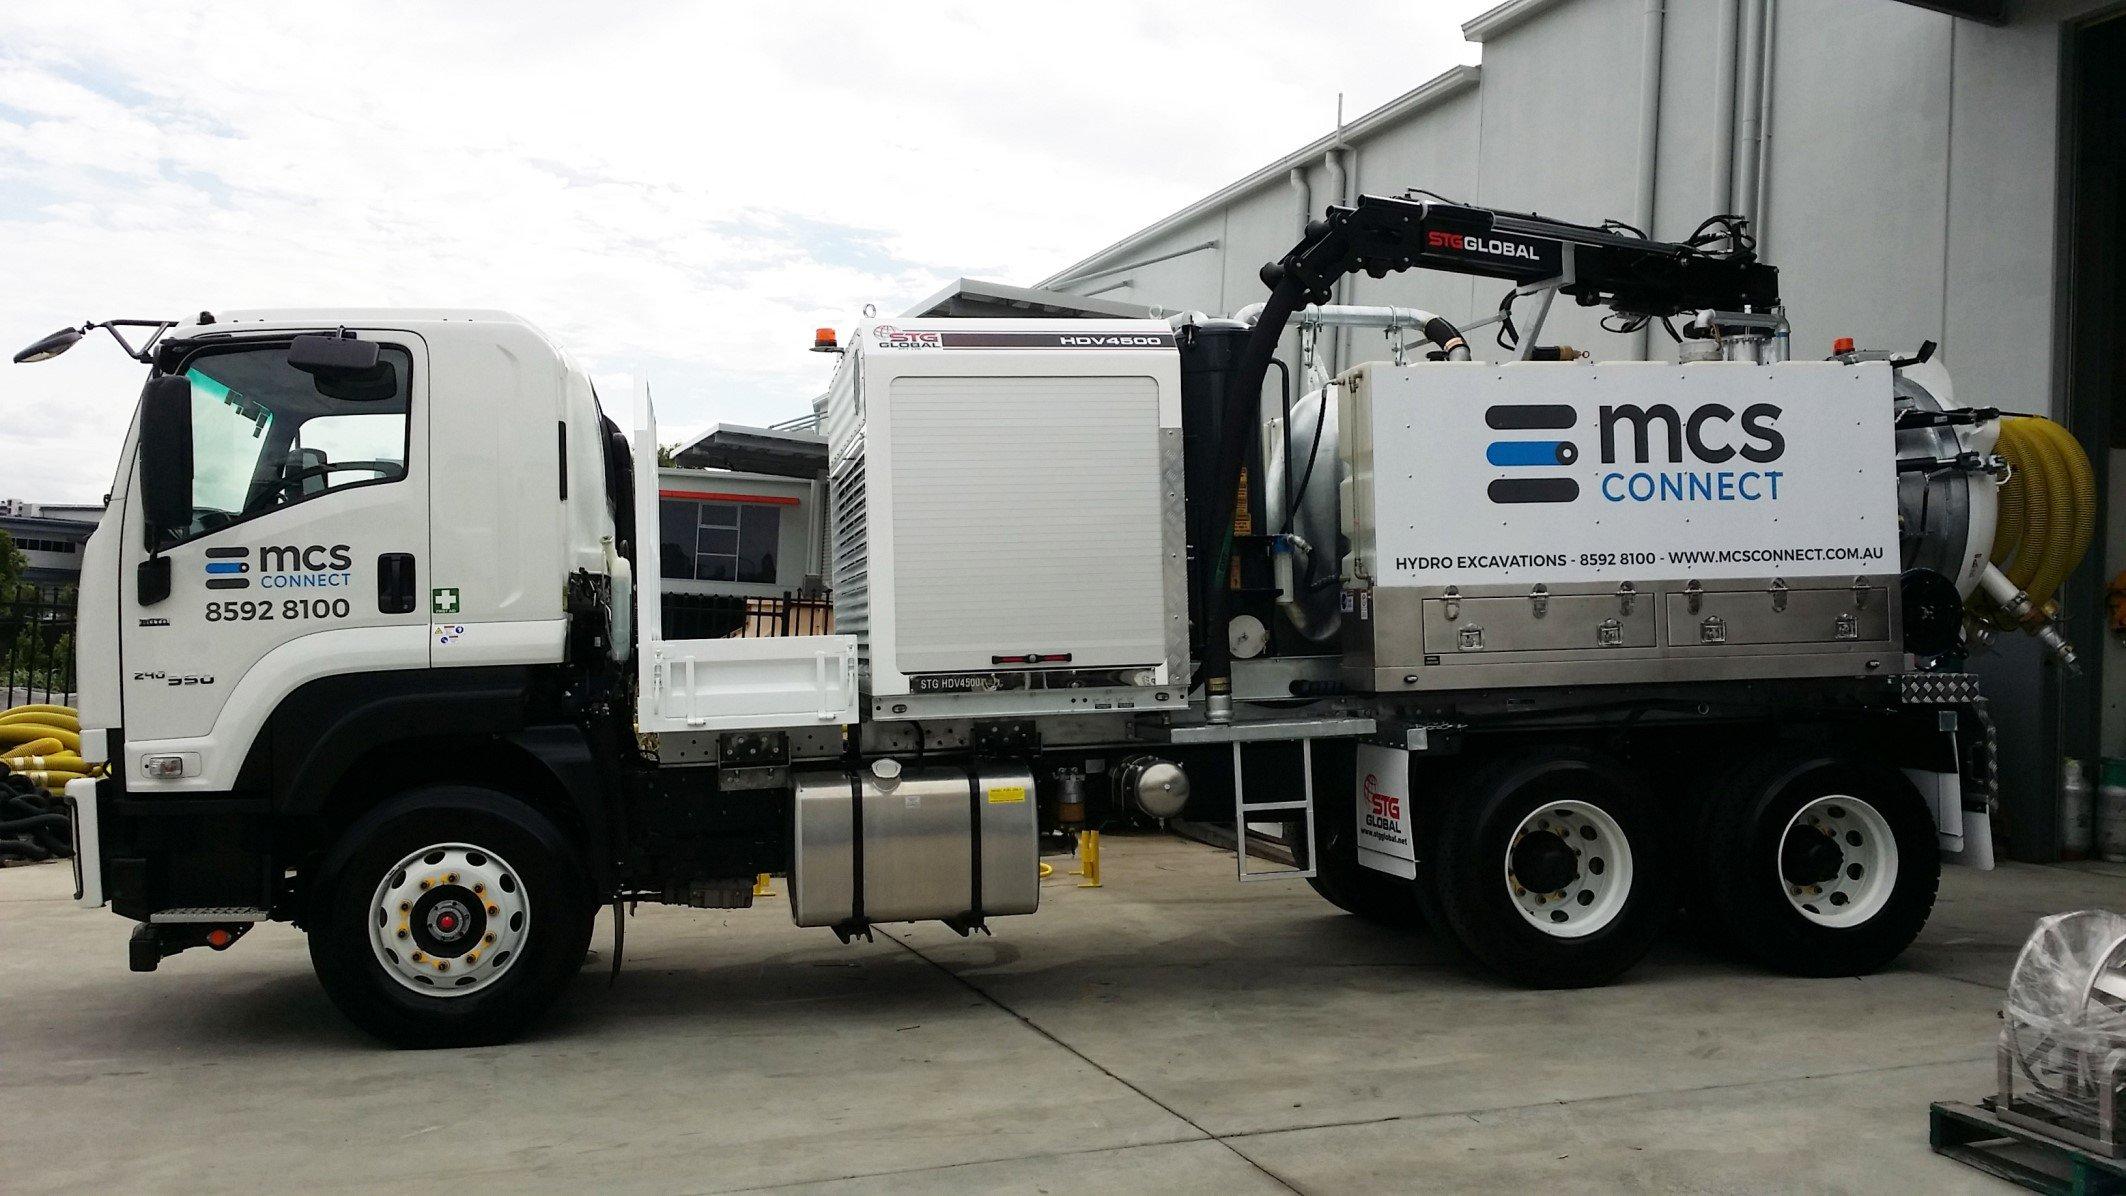 Vac truck - new